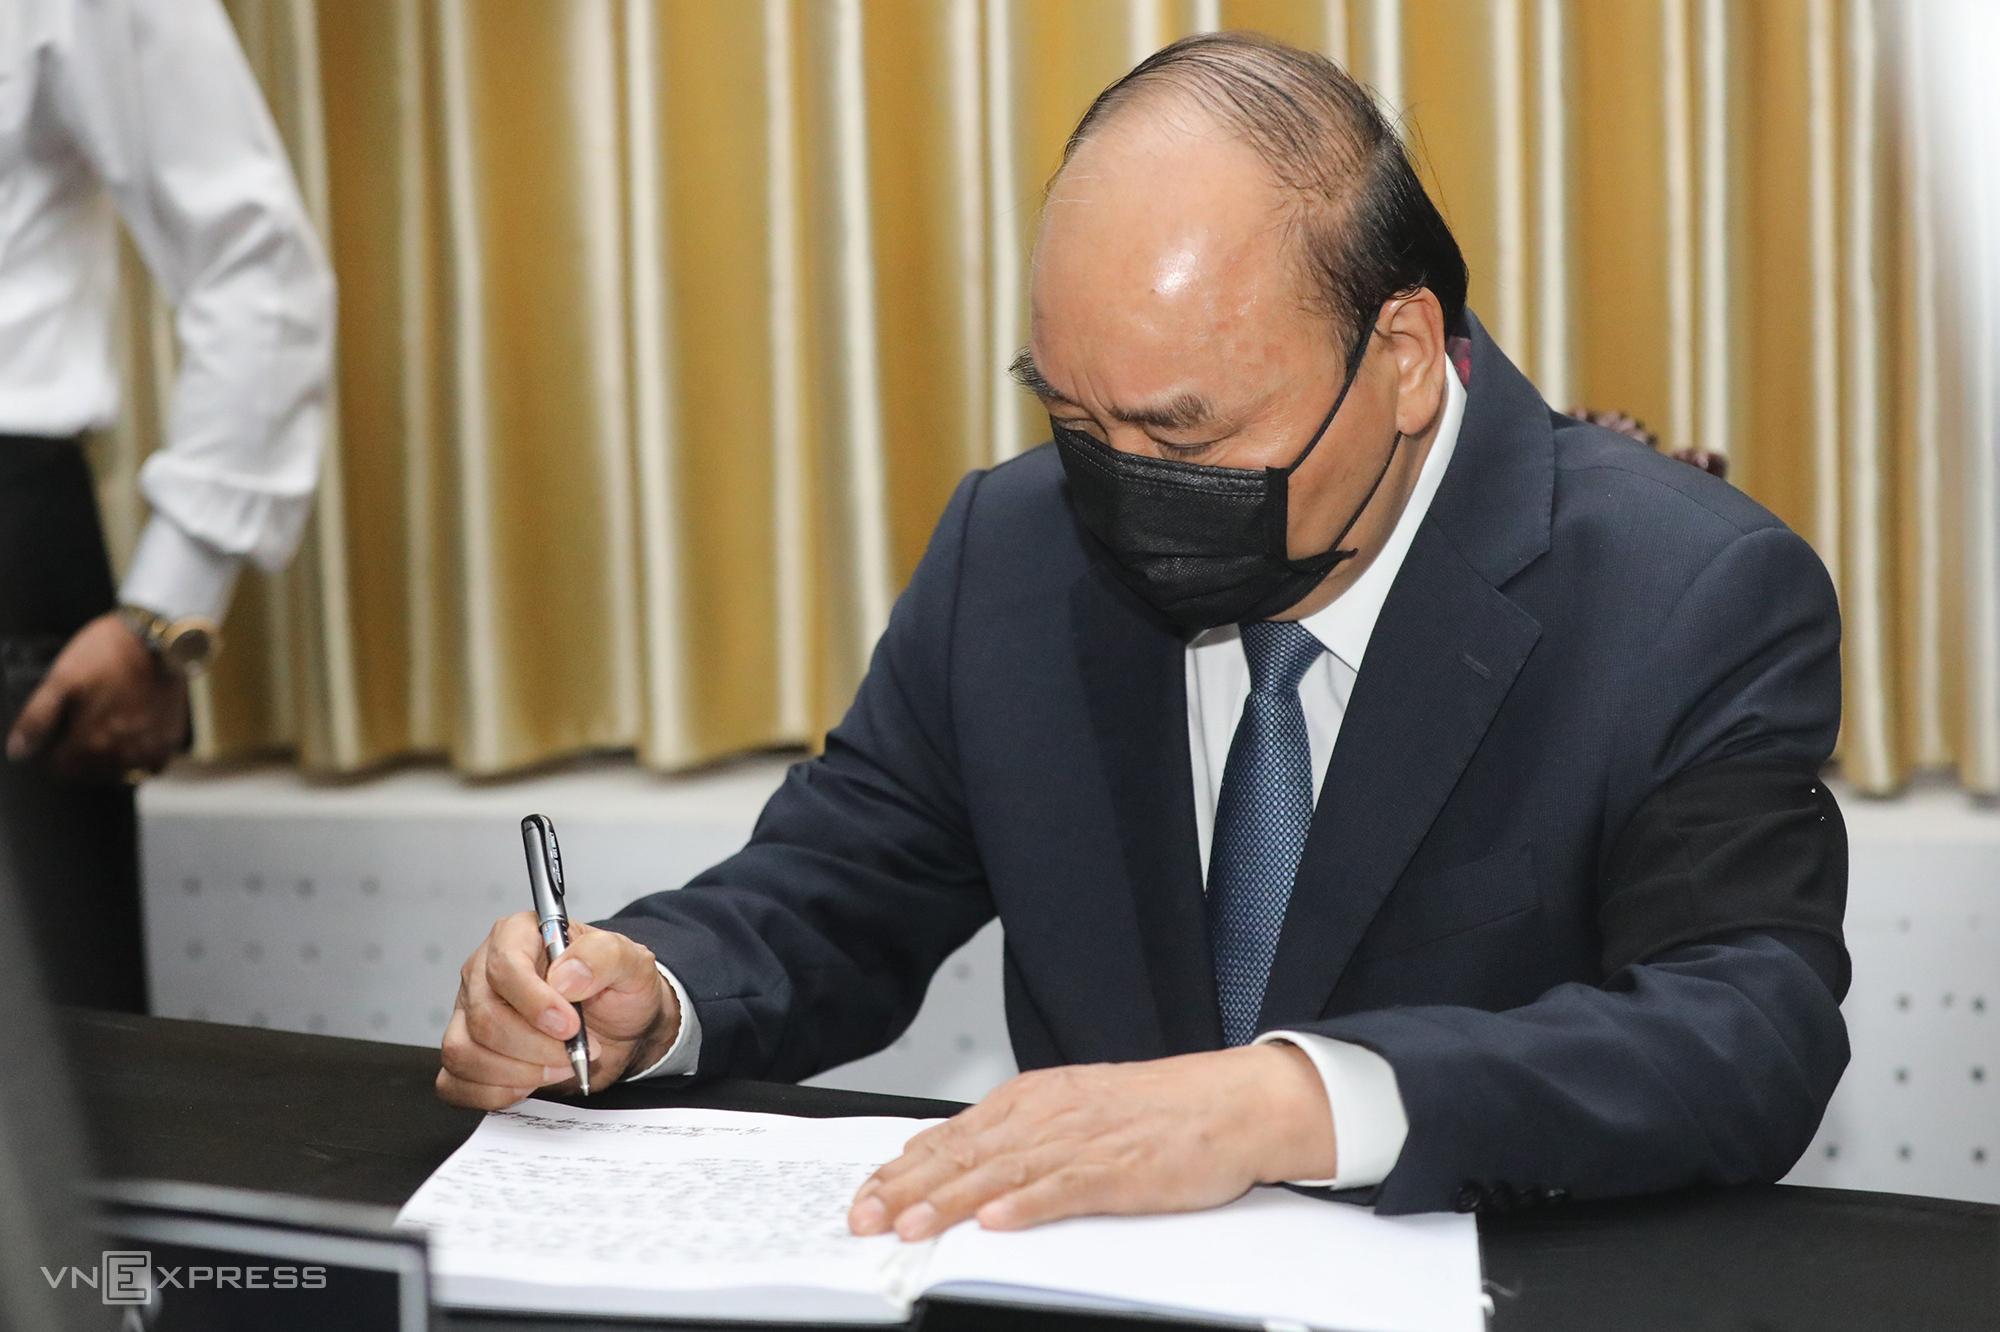 Thủ tướng Nguyễn Xuân Phúc gửi lời chia buồn trong sổ tang. Ảnh: Quỳnh Trần